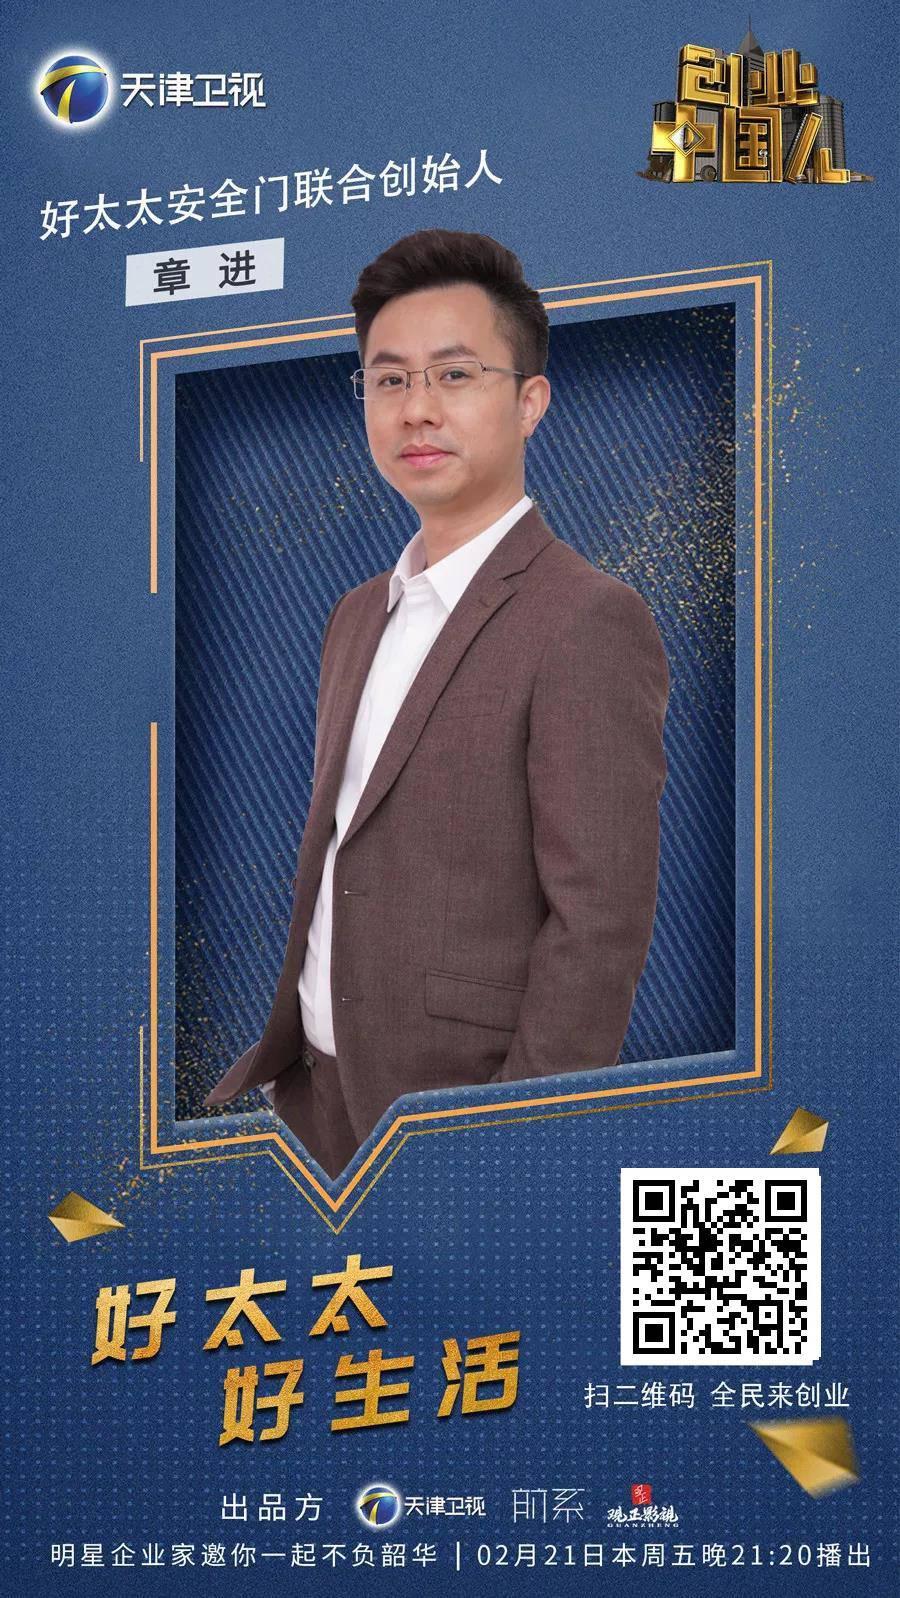 中国智能门品质市场,haotaitai 好太太抢夺未来蓝海